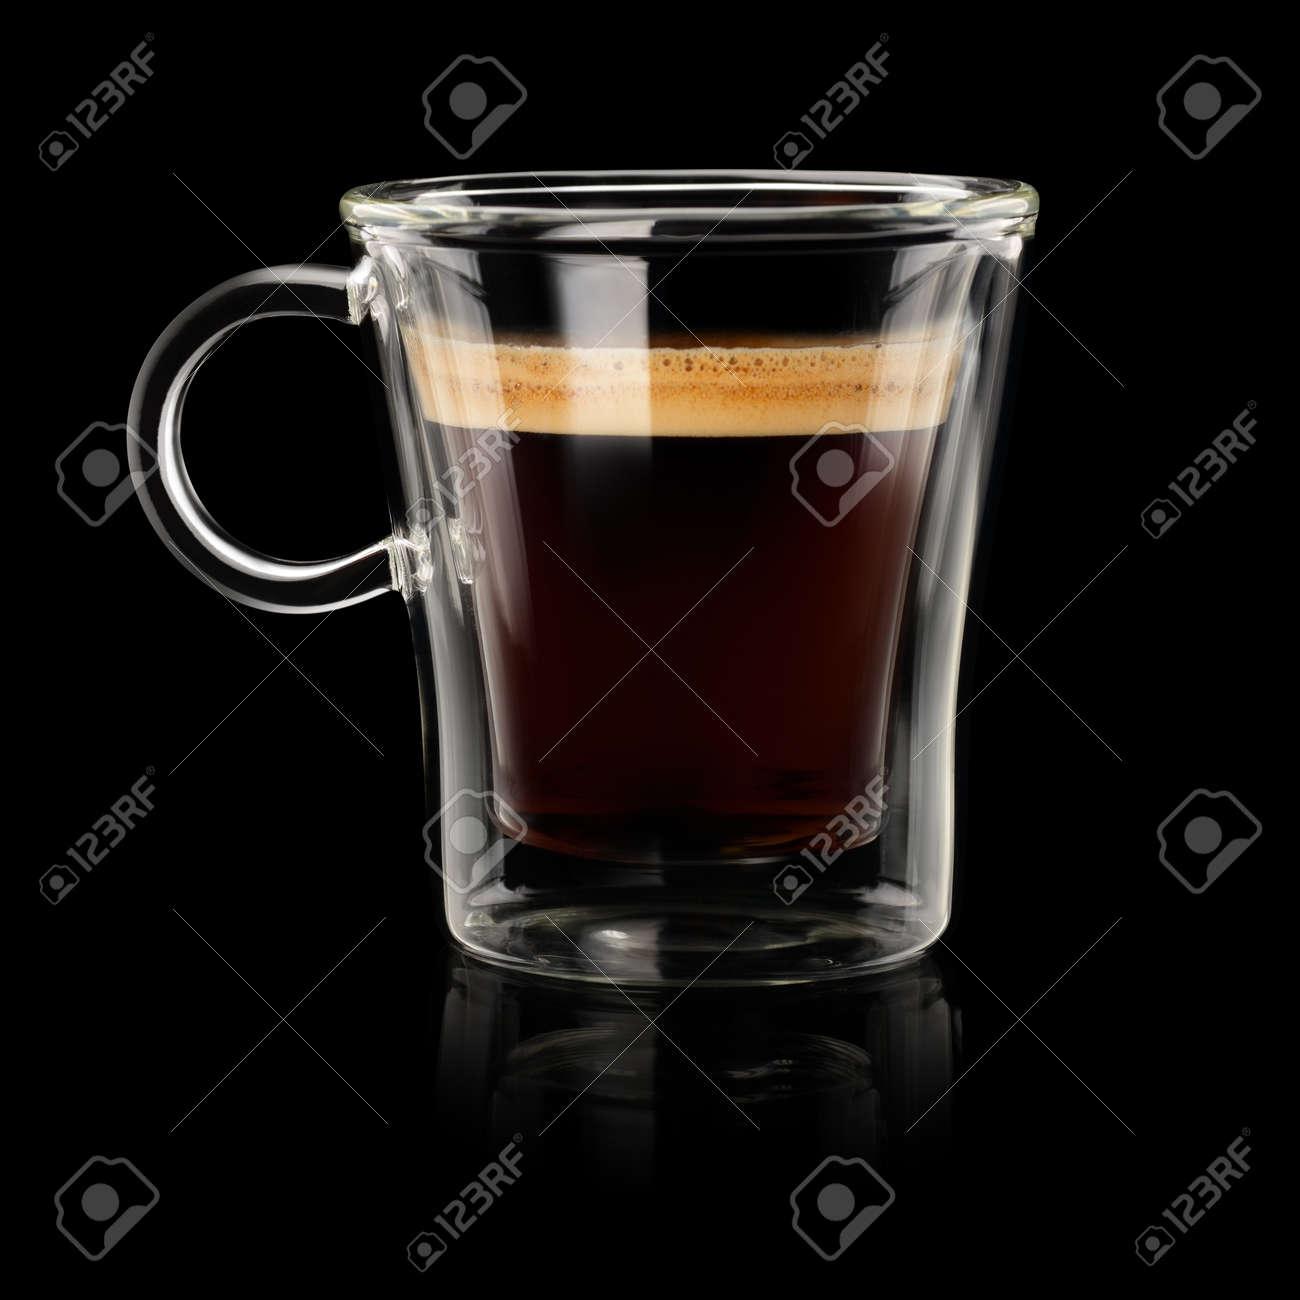 Verwonderlijk Immagini Stock - Caffè Doppio Espresso O Lungo In Tazza HQ-46